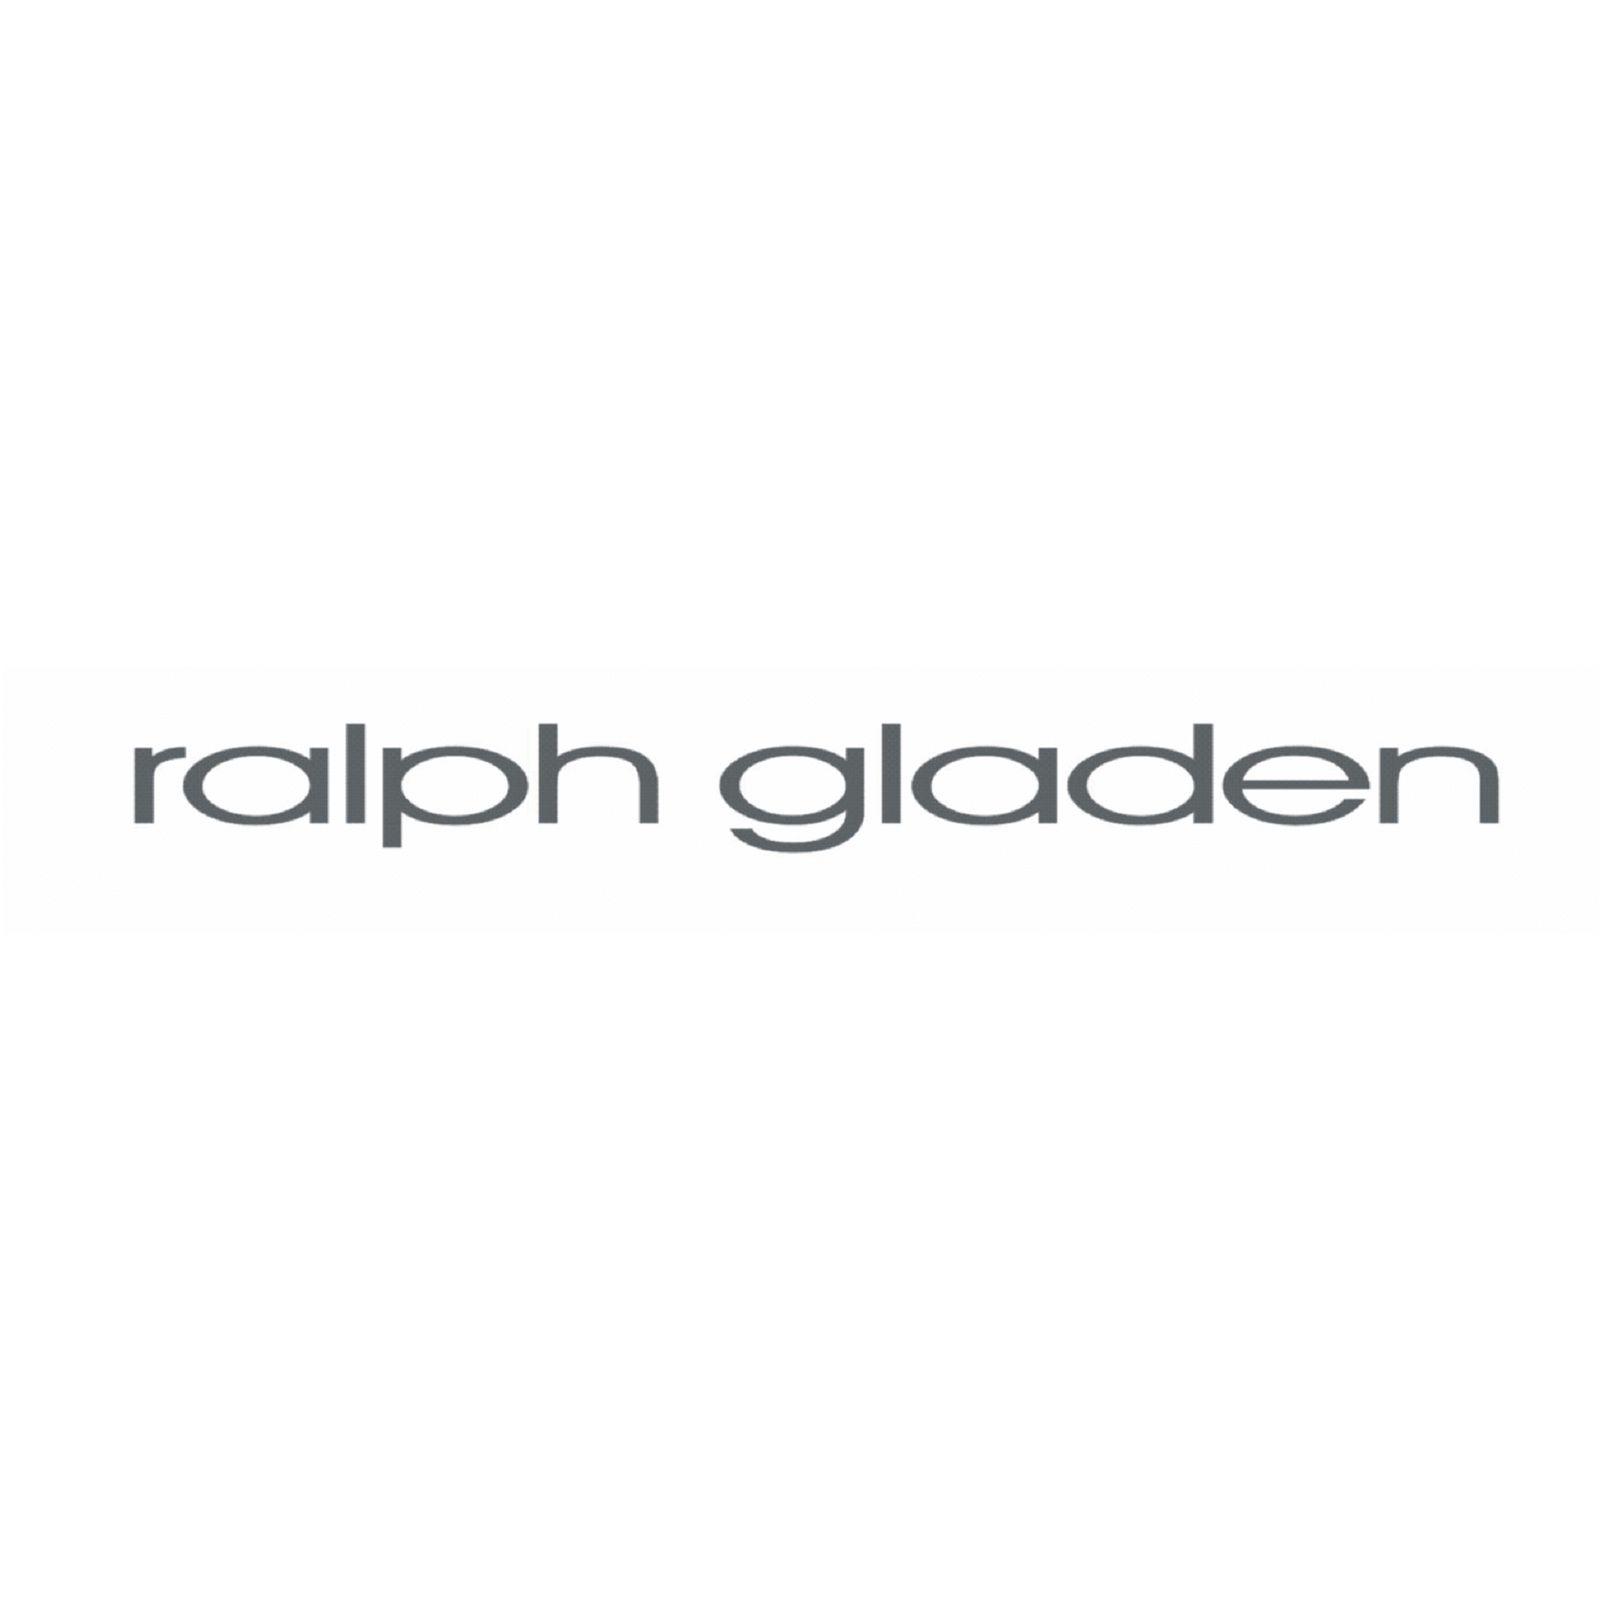 ralph gladen®